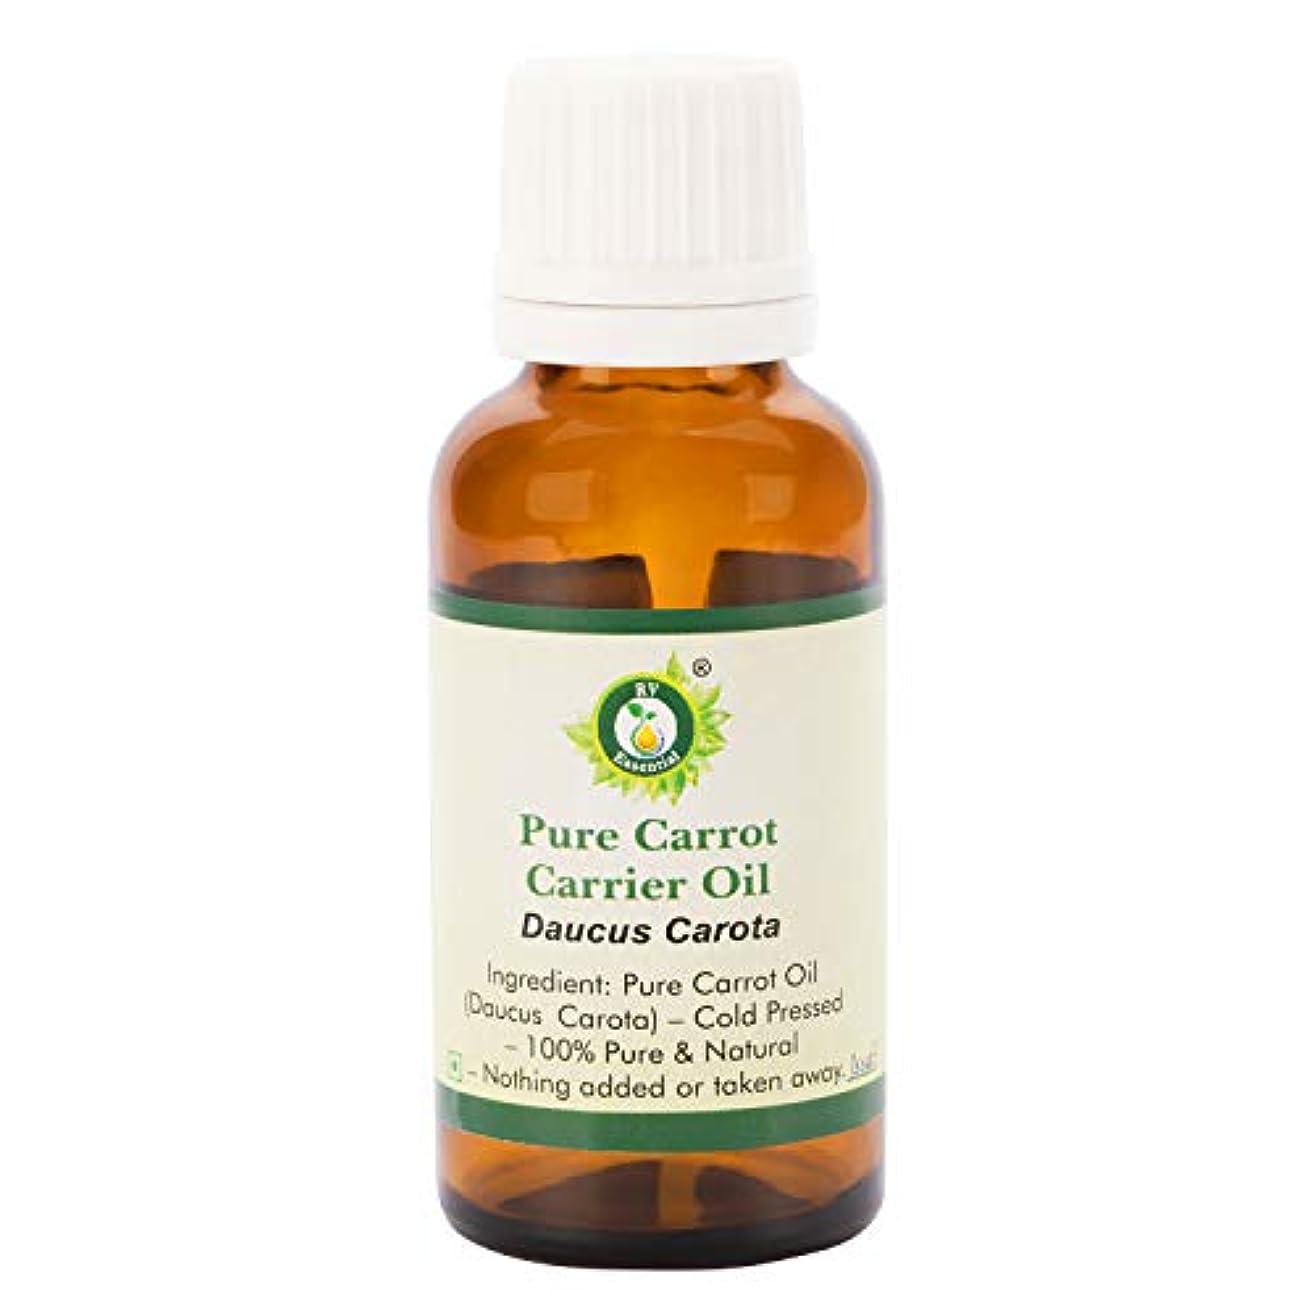 すすり泣き聞く滑りやすいピュアキャロットキャリアオイル100ml (3.38oz)- Daucus Carota (100%ピュア&ナチュラルコールドPressed) Pure Carrot Carrier Oil